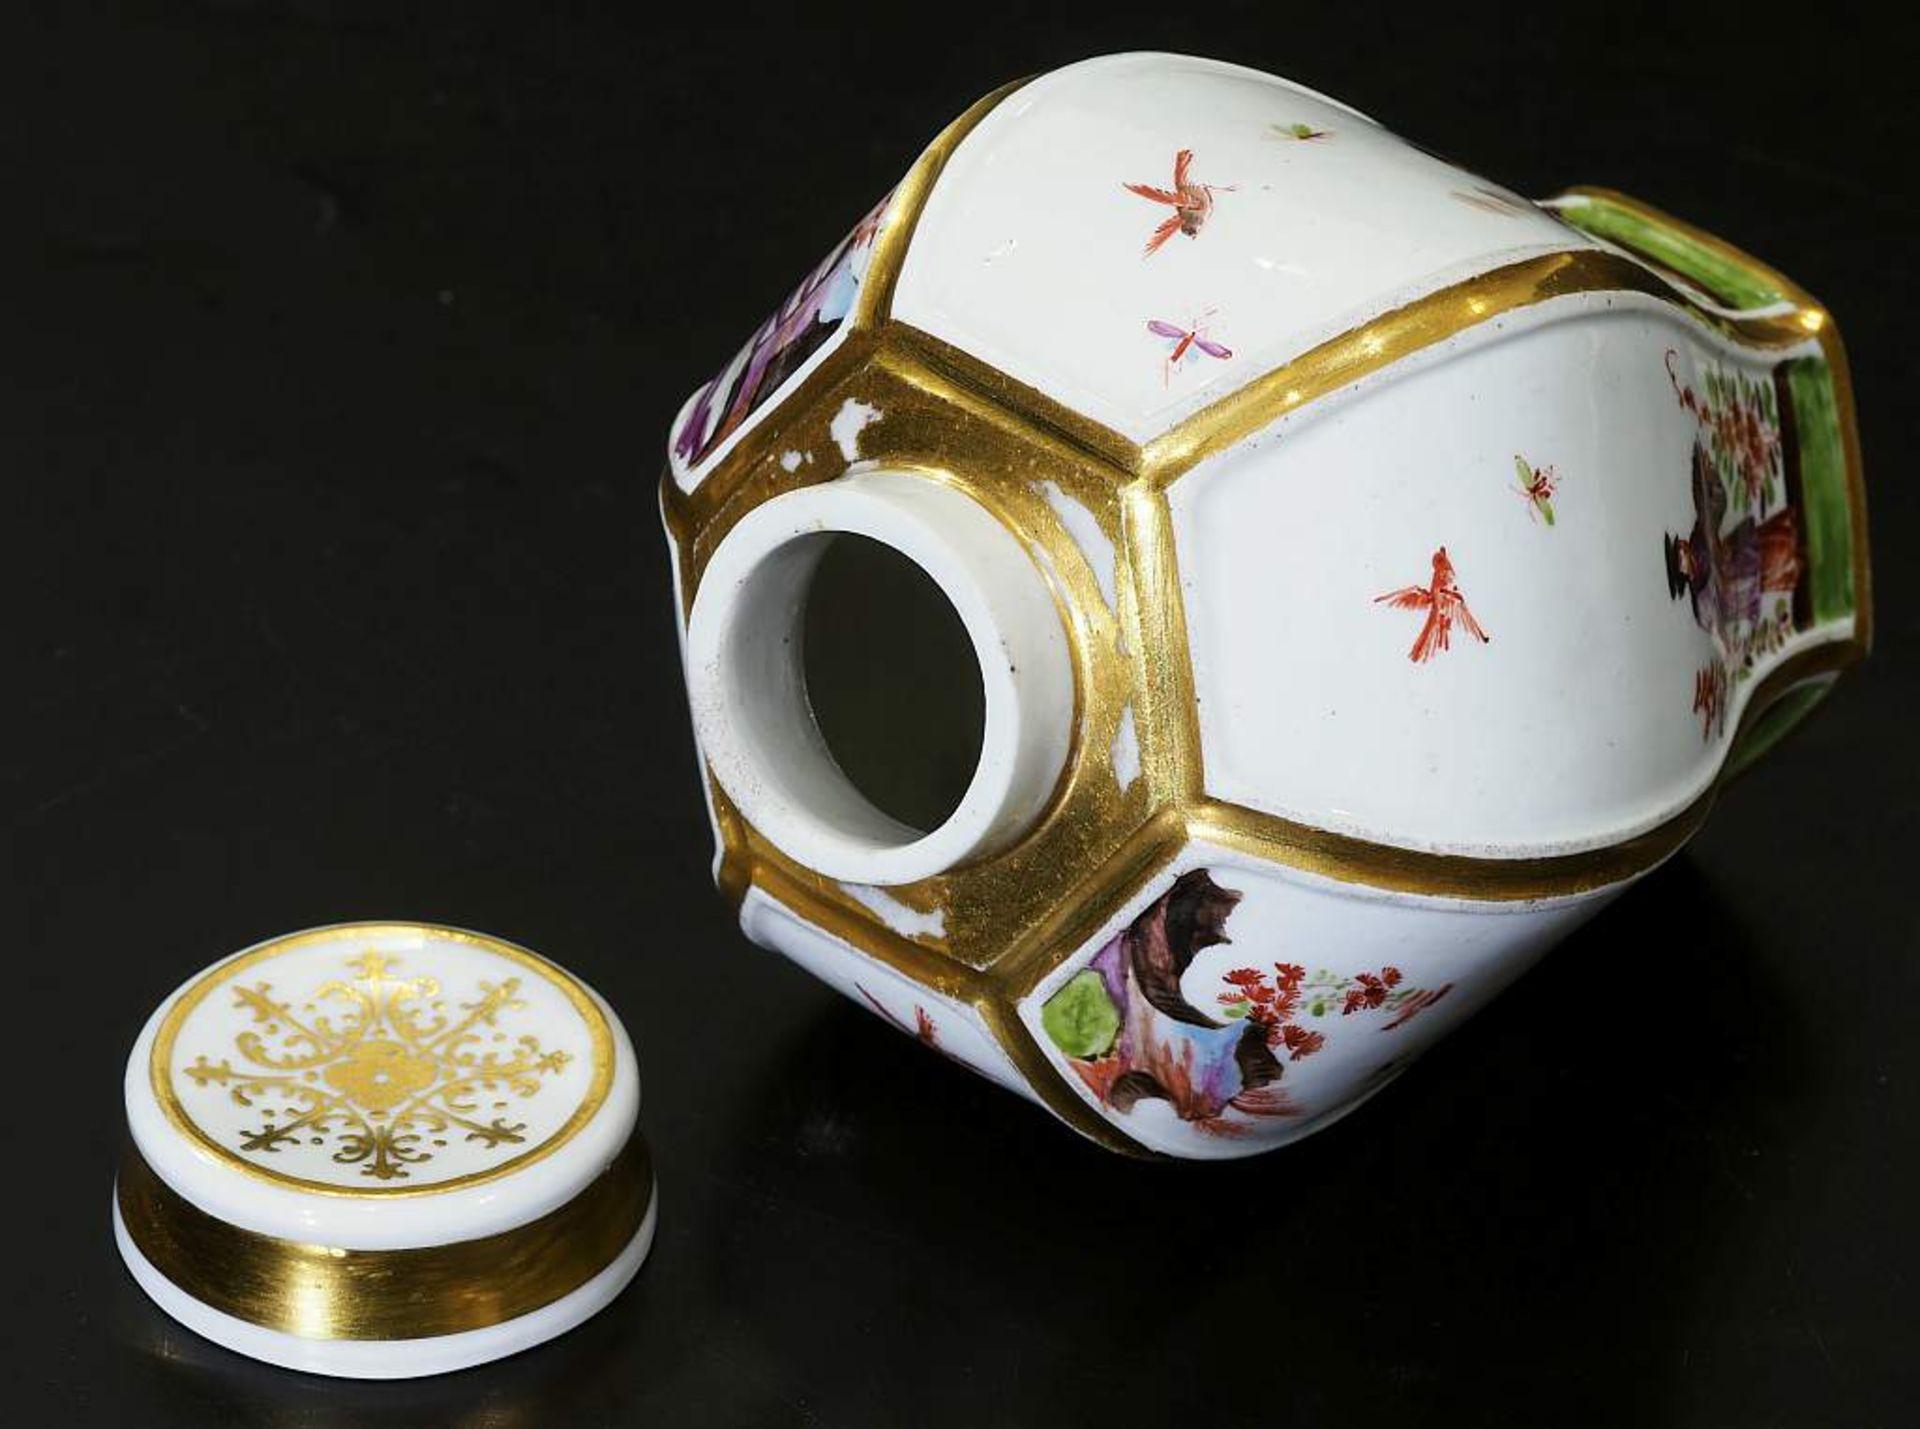 Teedose um 1725. MEISSEN. Teedose um 1725. MEISSEN. Balusterförmige Teedose in hexagonaler Form - Bild 6 aus 8